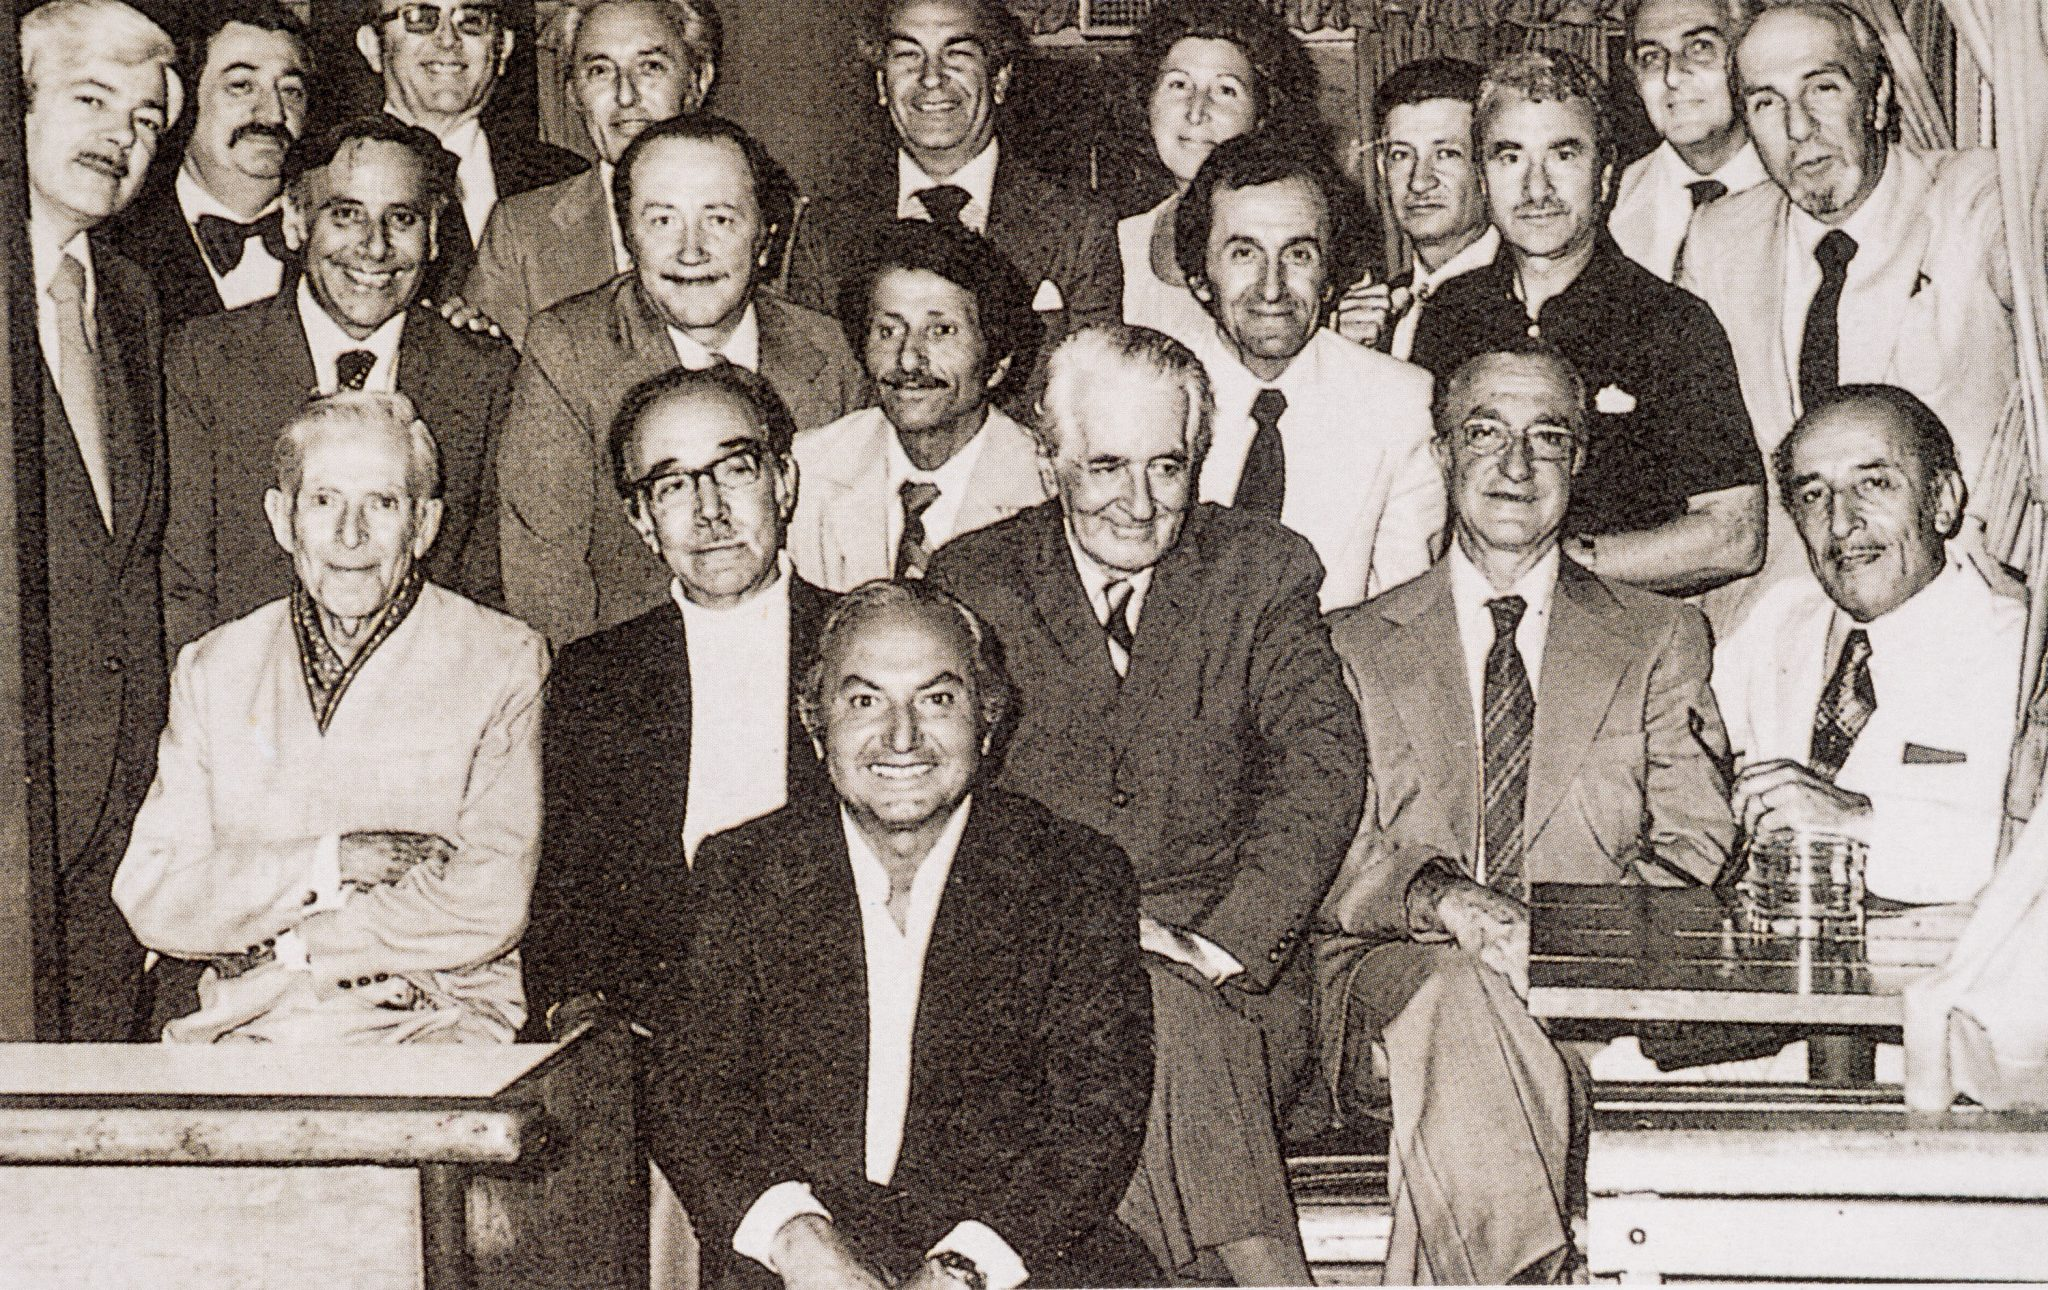 Bir Kağıt Mimarının Hayali Dünyası Nazimî Yaver Yenalsergisi